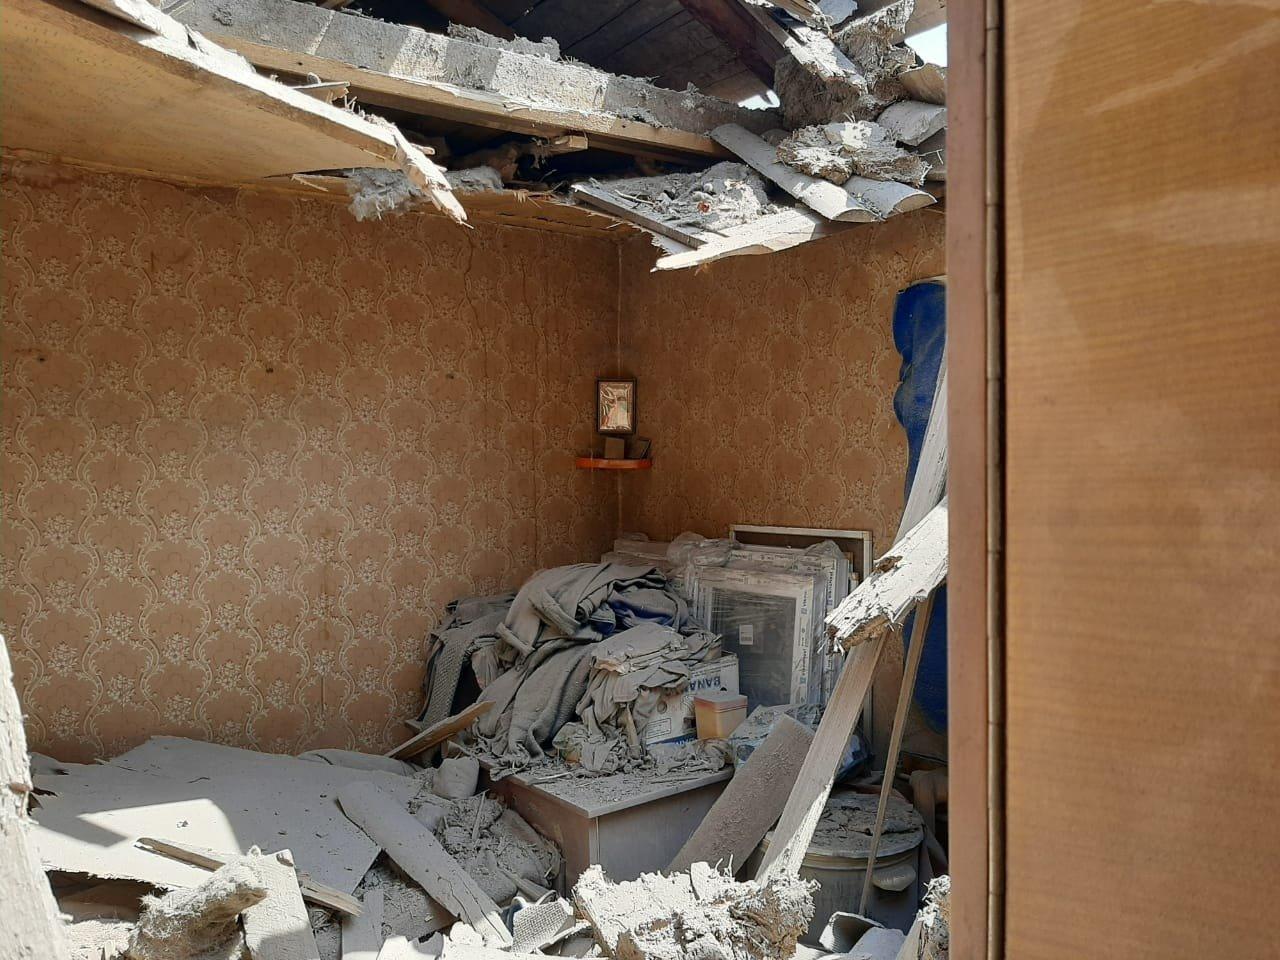 Российские оккупанты обстреляли Пески: мина попала в крышу частного дома и рарушила гостиную, - ФОТО, фото-2